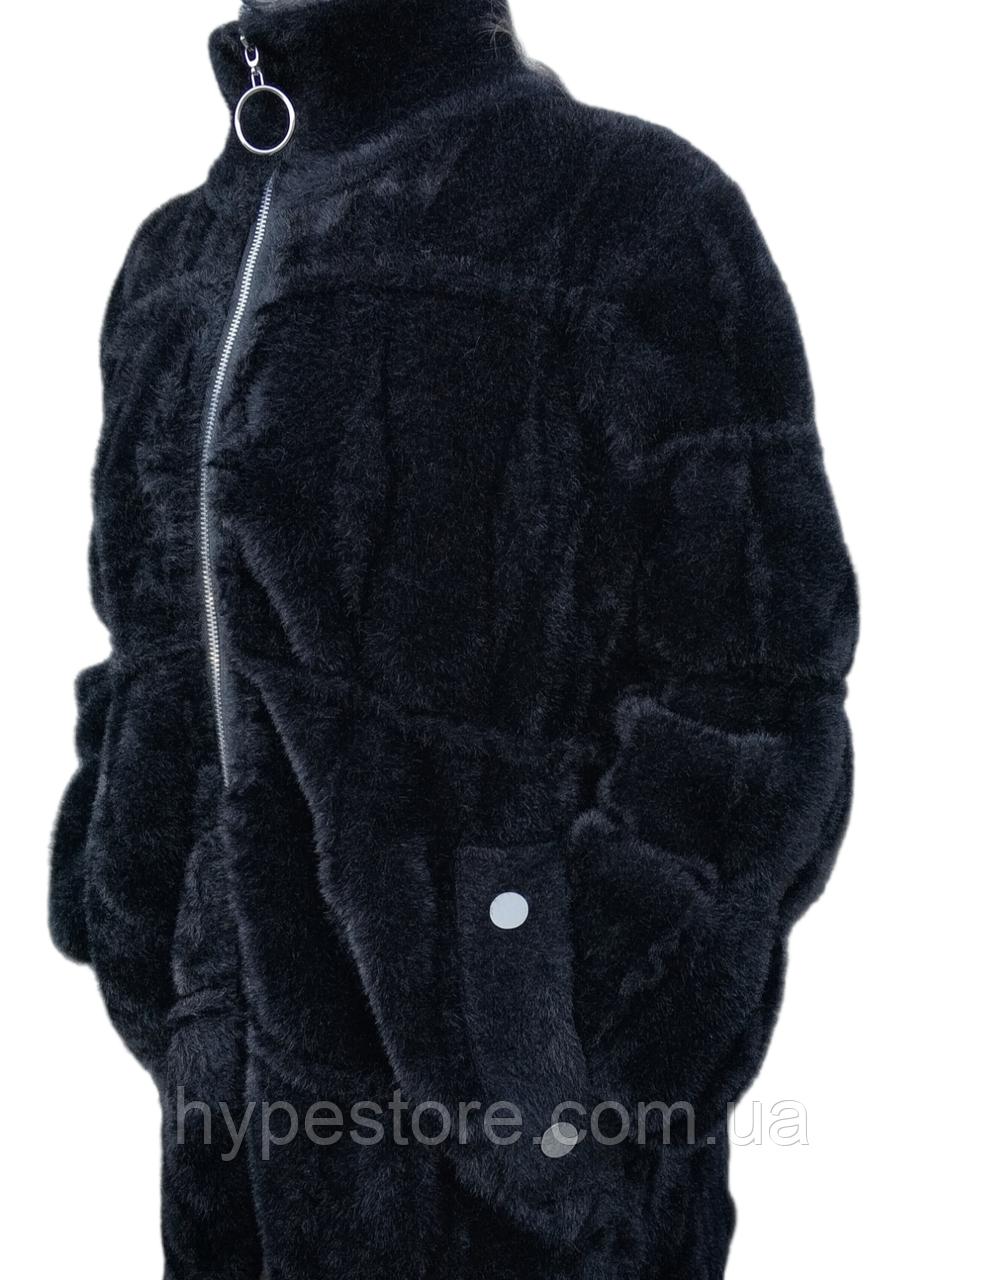 Красивая женская кофта, кардиган Альпака, большой размер, батал,см.ПОЛНОЕ описание товара